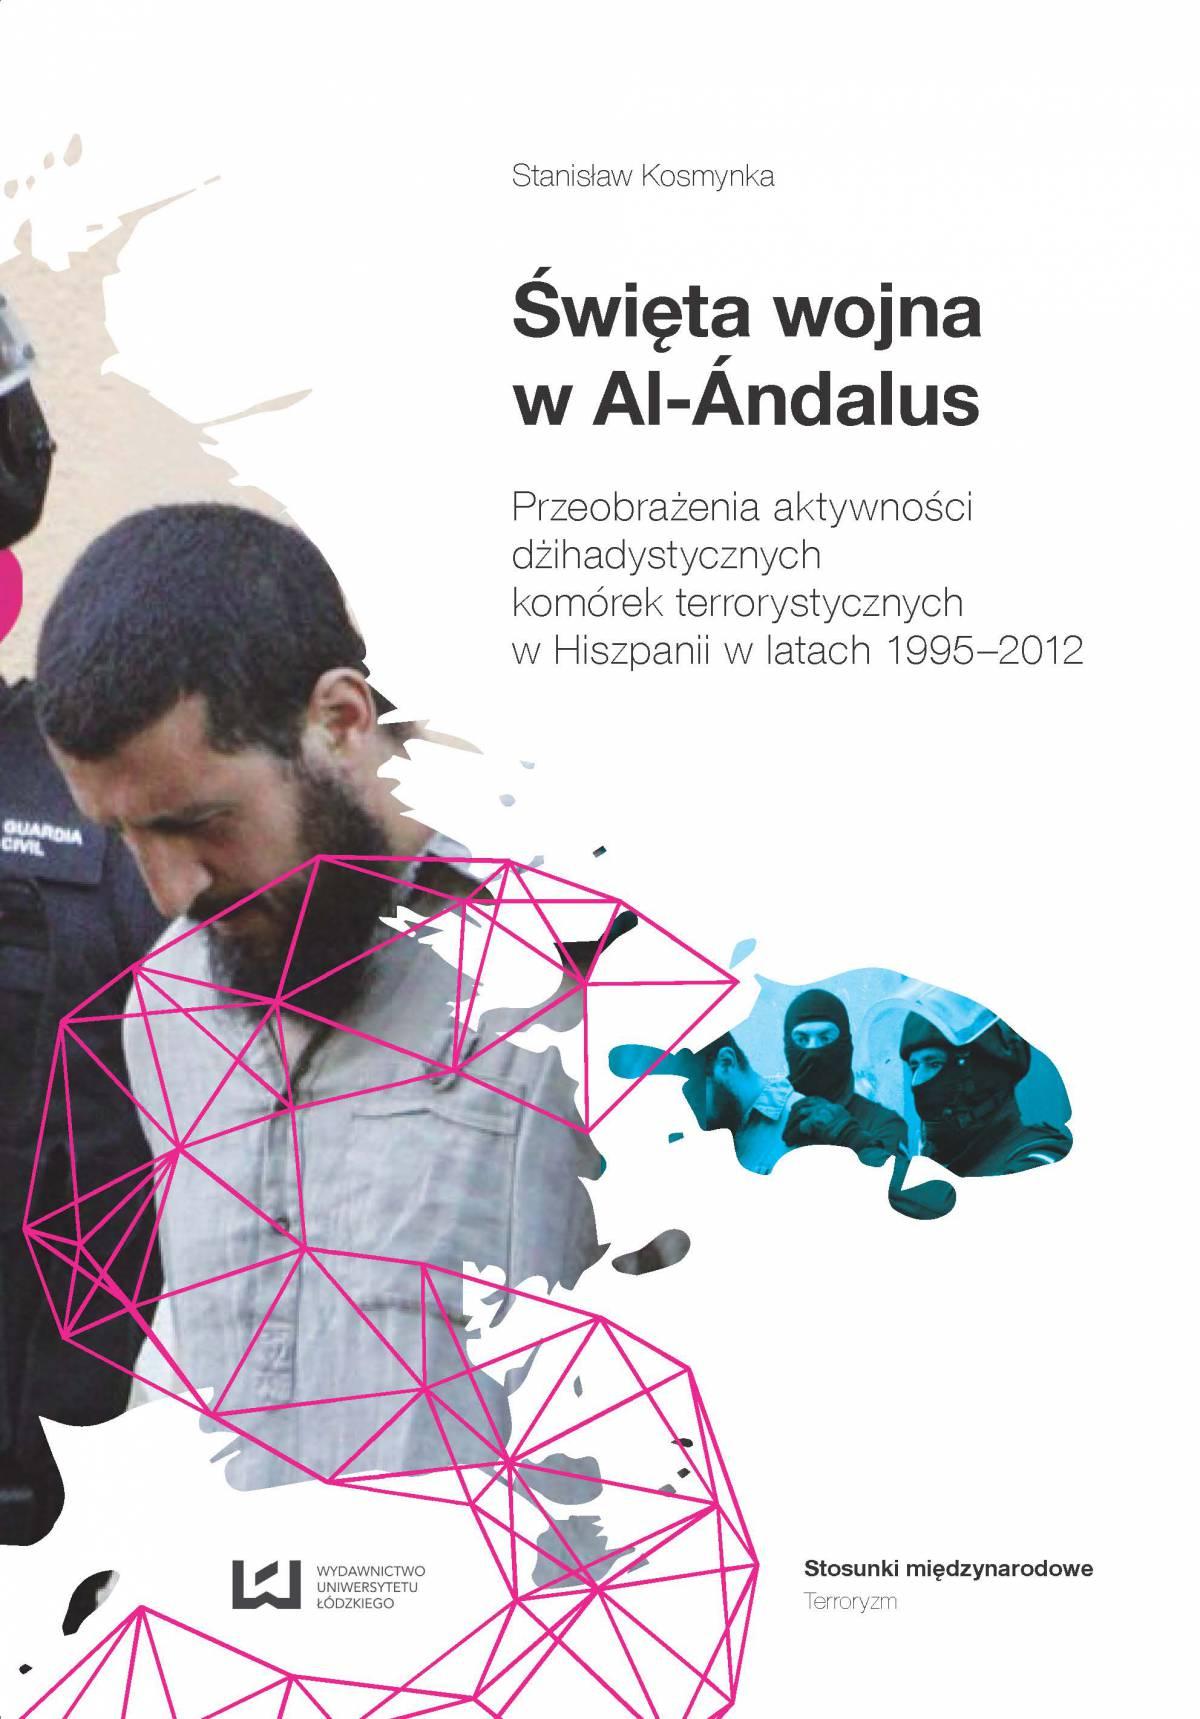 Święta wojna w Al-Ándalus. Przeobrażenia aktywności dżihadystycznych komórek terrorystycznych w Hiszpanii w latach 1995-2012 - Ebook (Książka PDF) do pobrania w formacie PDF